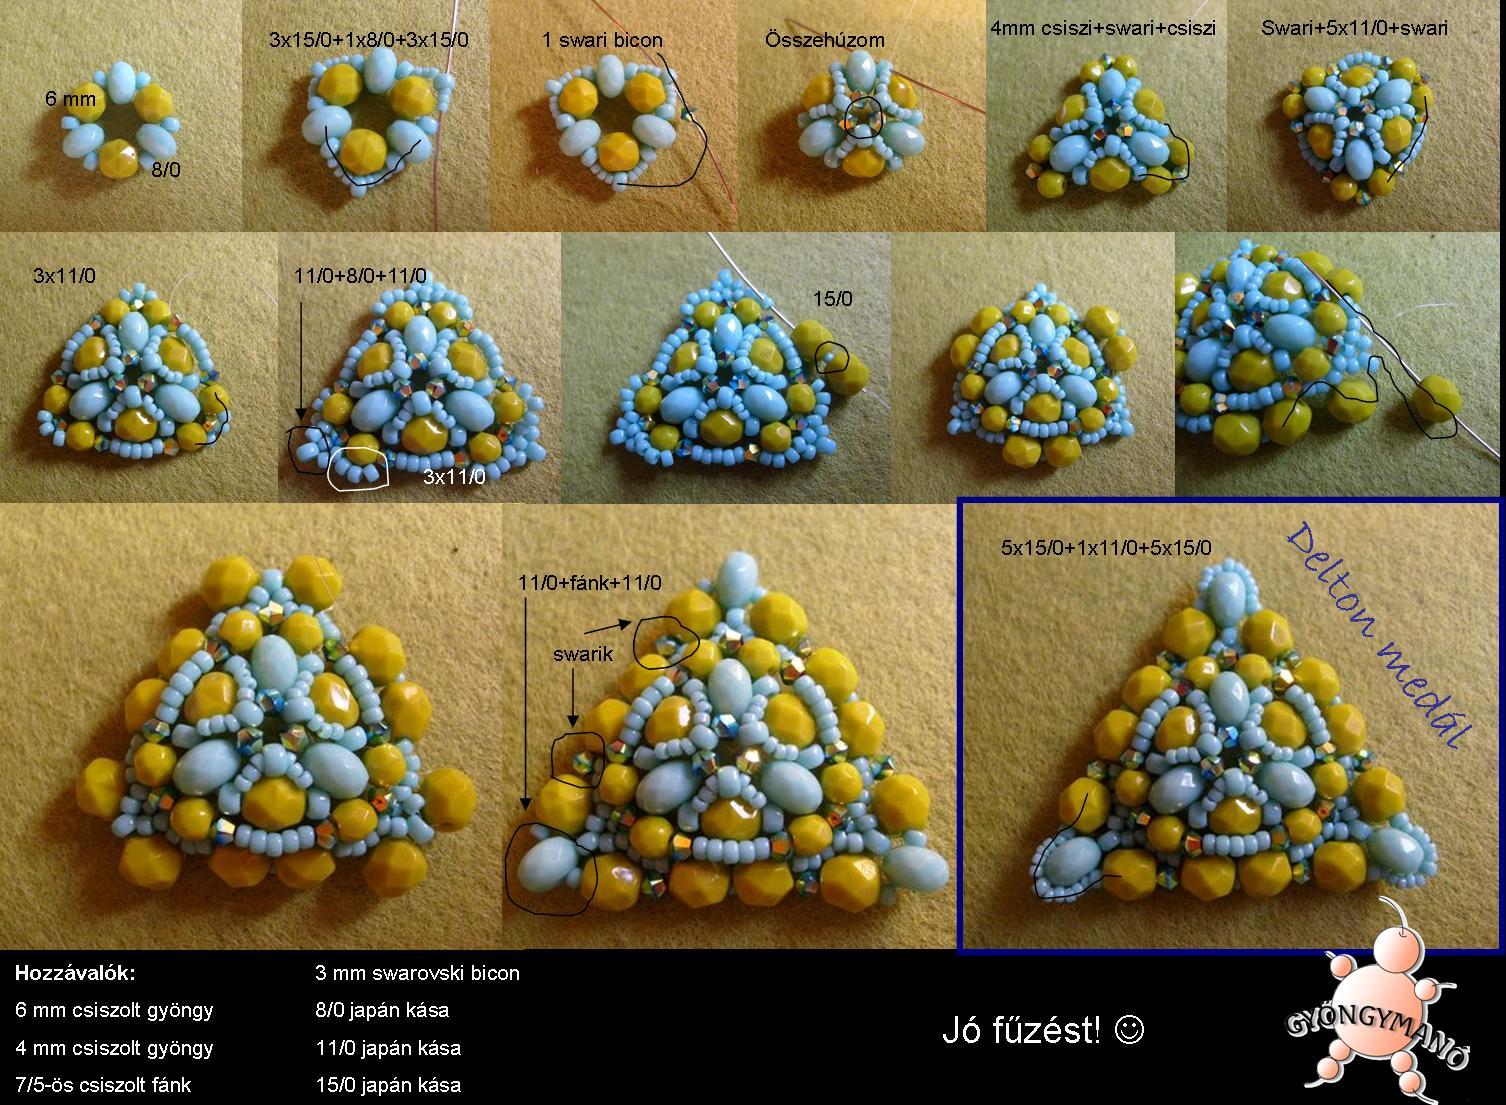 http://2.bp.blogspot.com/-04jwH5TpfPA/Te82NBmMQ9I/AAAAAAAAAqA/BmAWvr2xqhc/s1600/delton%2Bminta.jpg